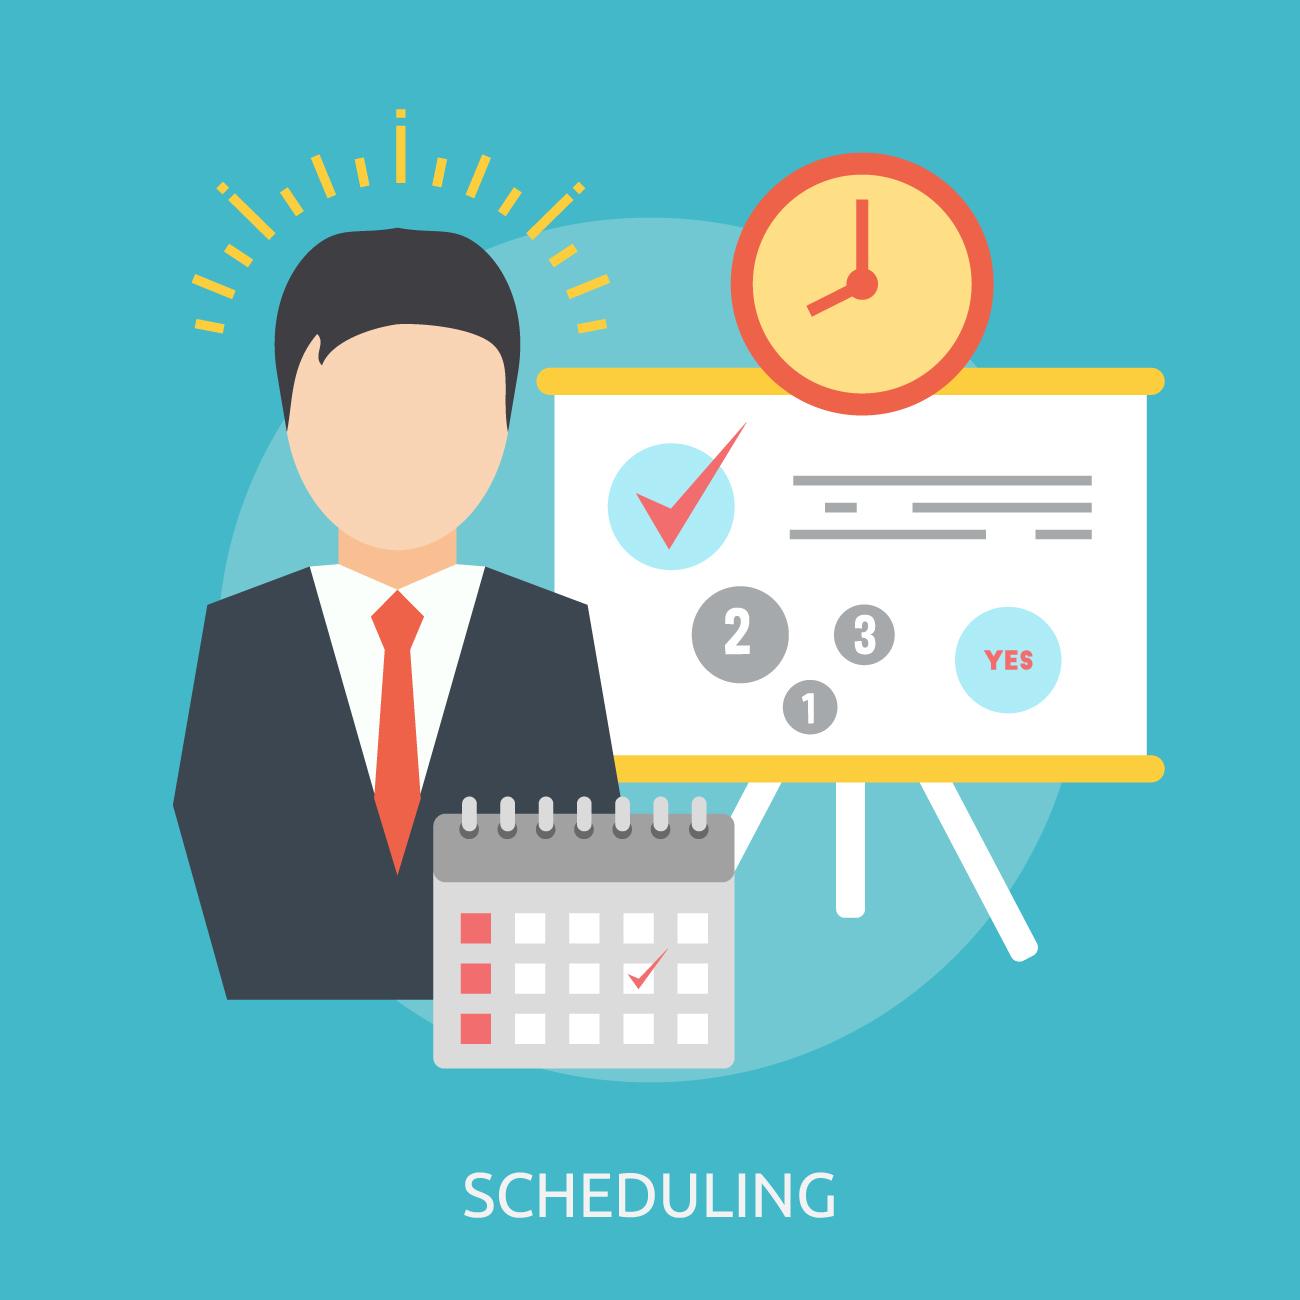 Jadwal Bimbingan dan Konsultasi